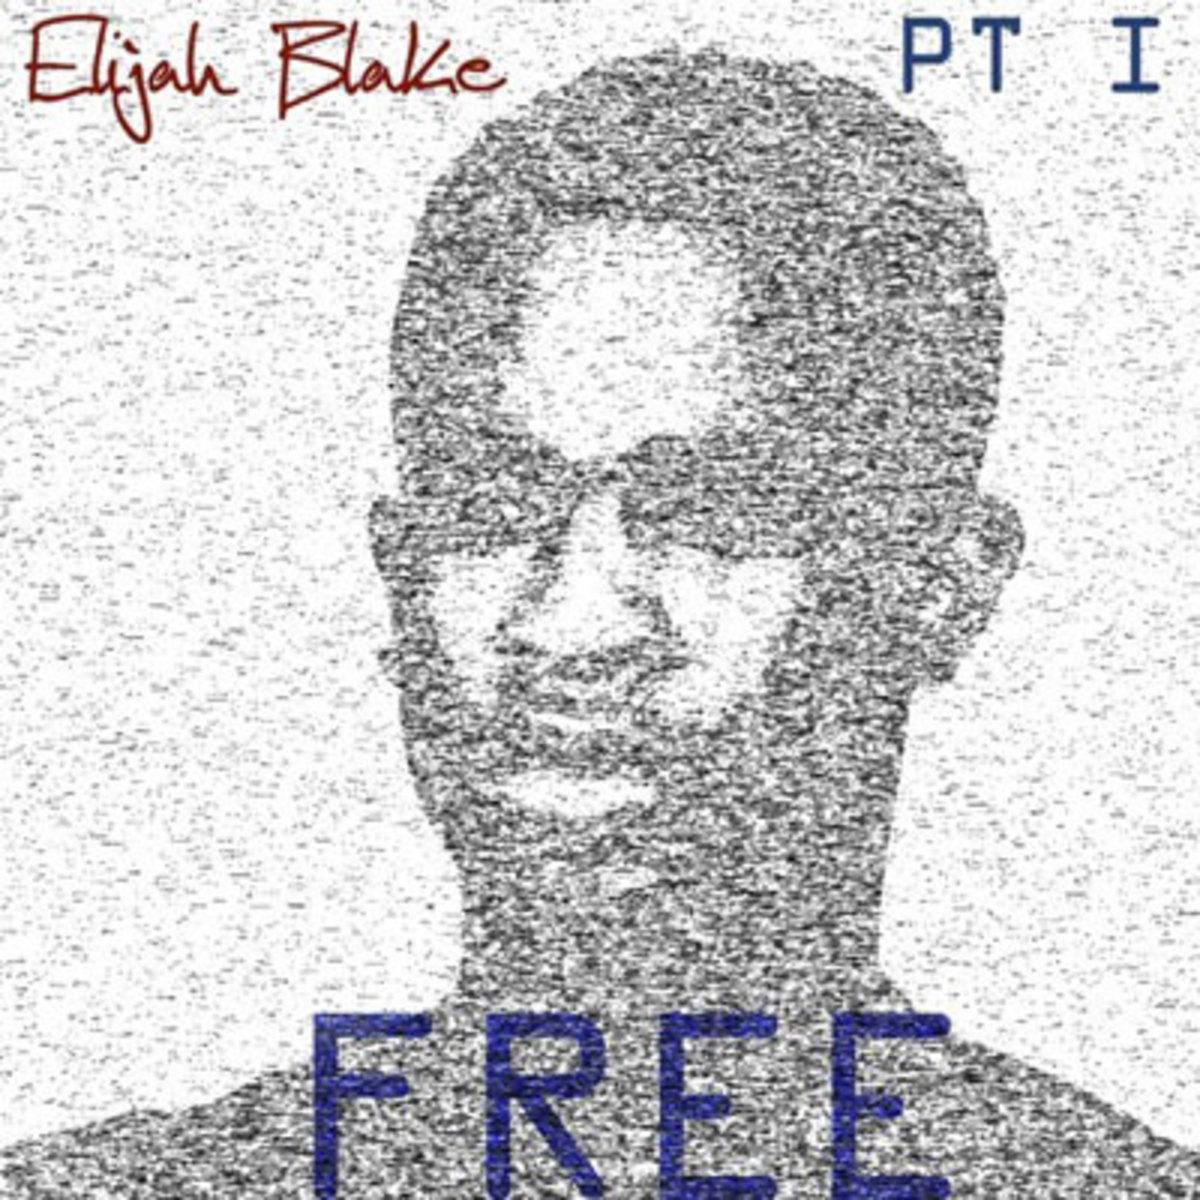 eligahblake-freept1.jpg